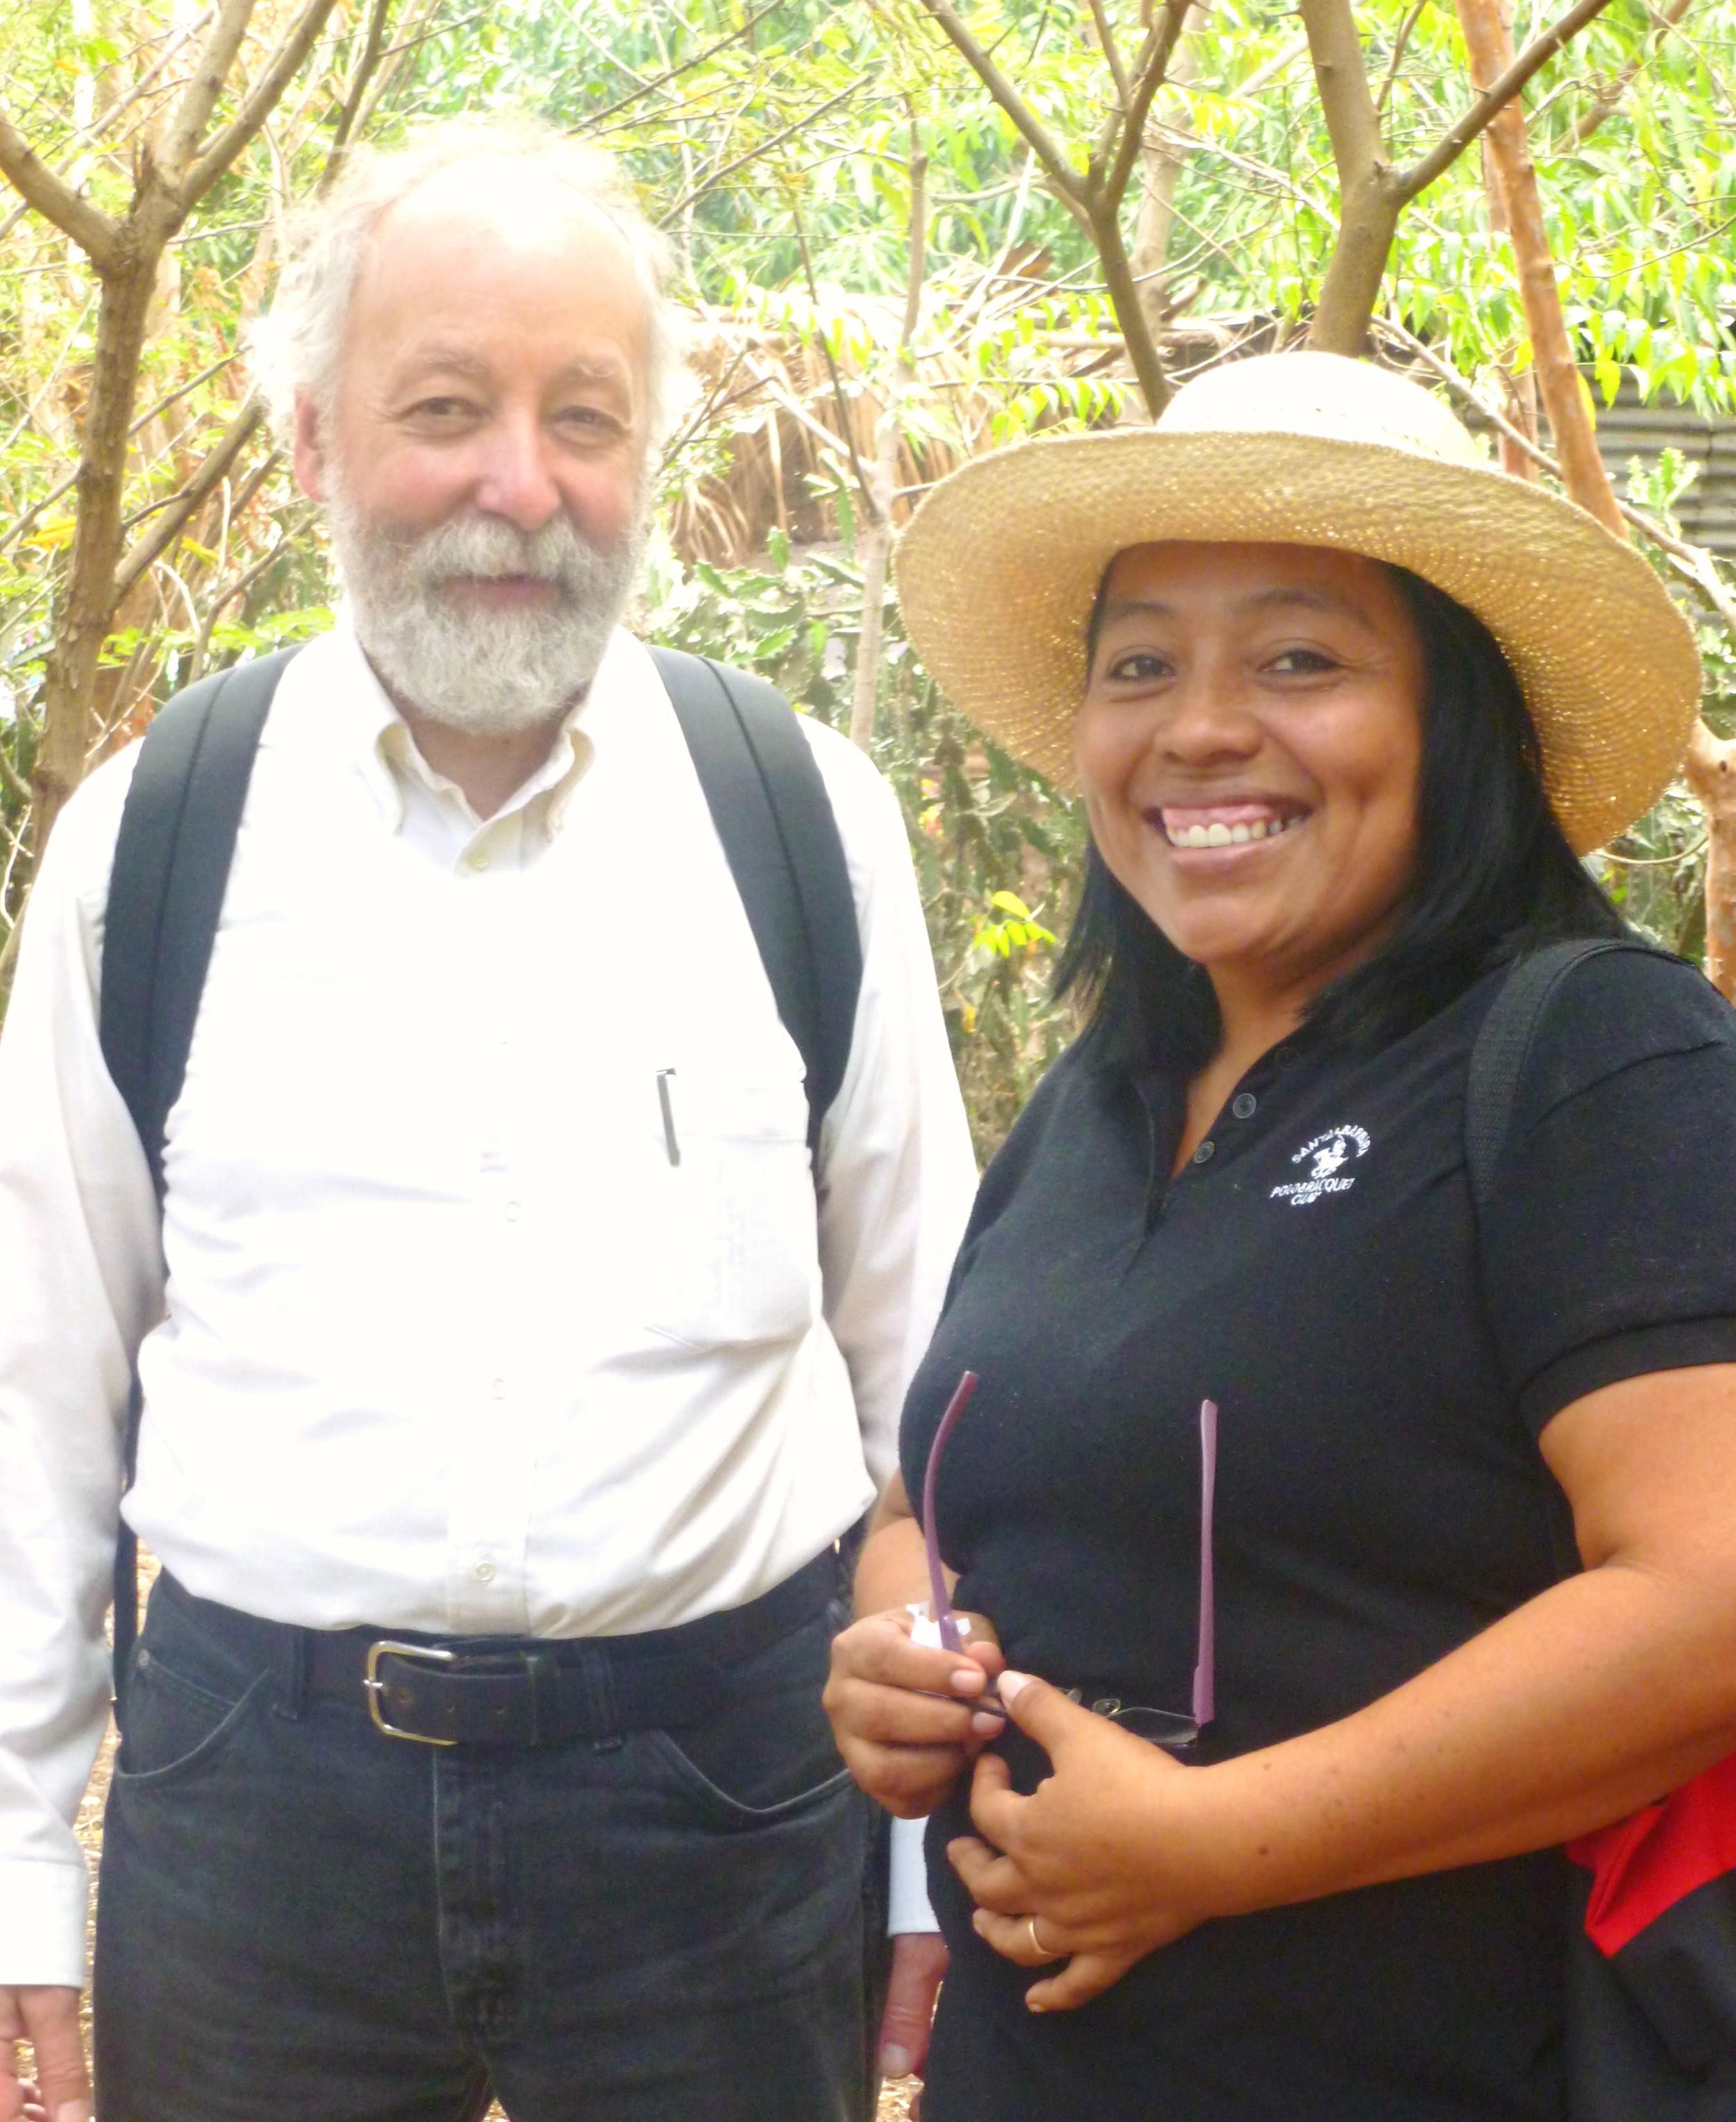 David and Rosa